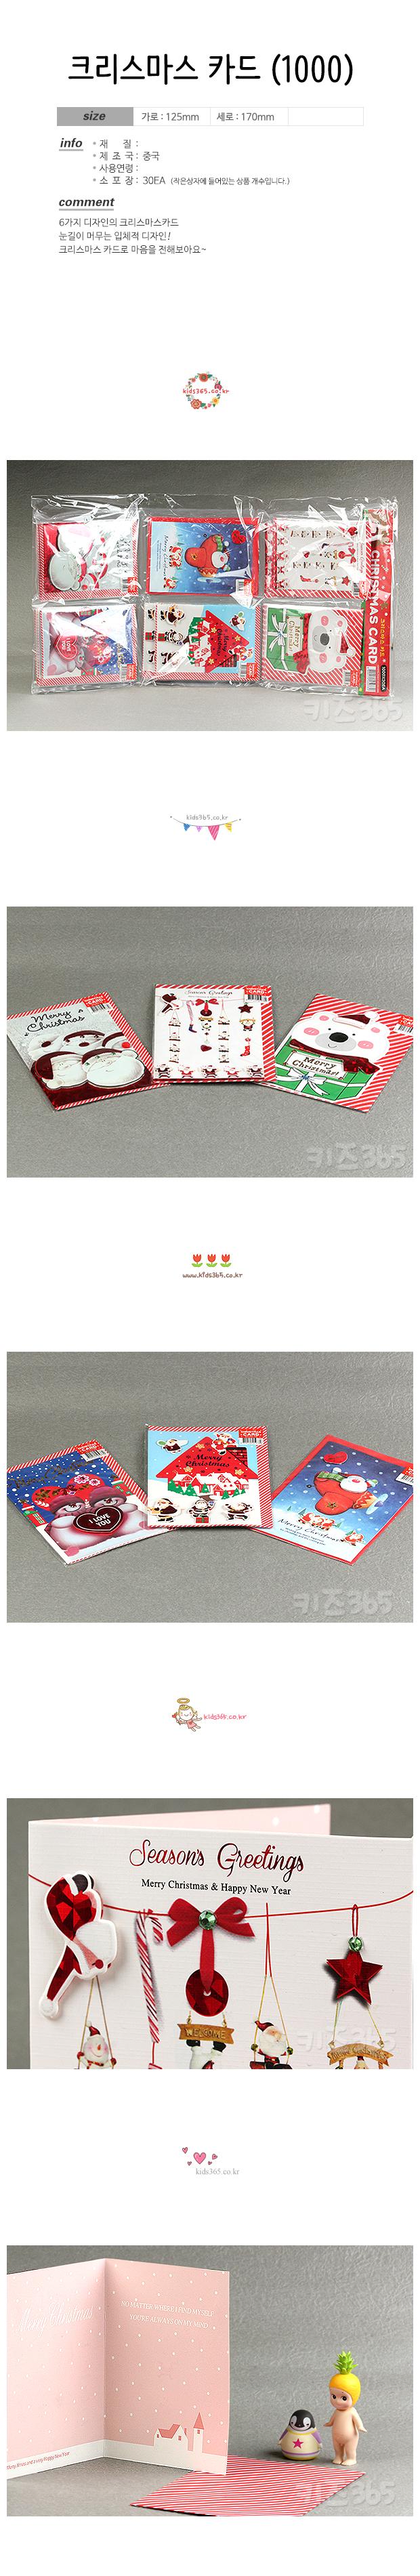 크리스마스 카드(1000) 상세이미지